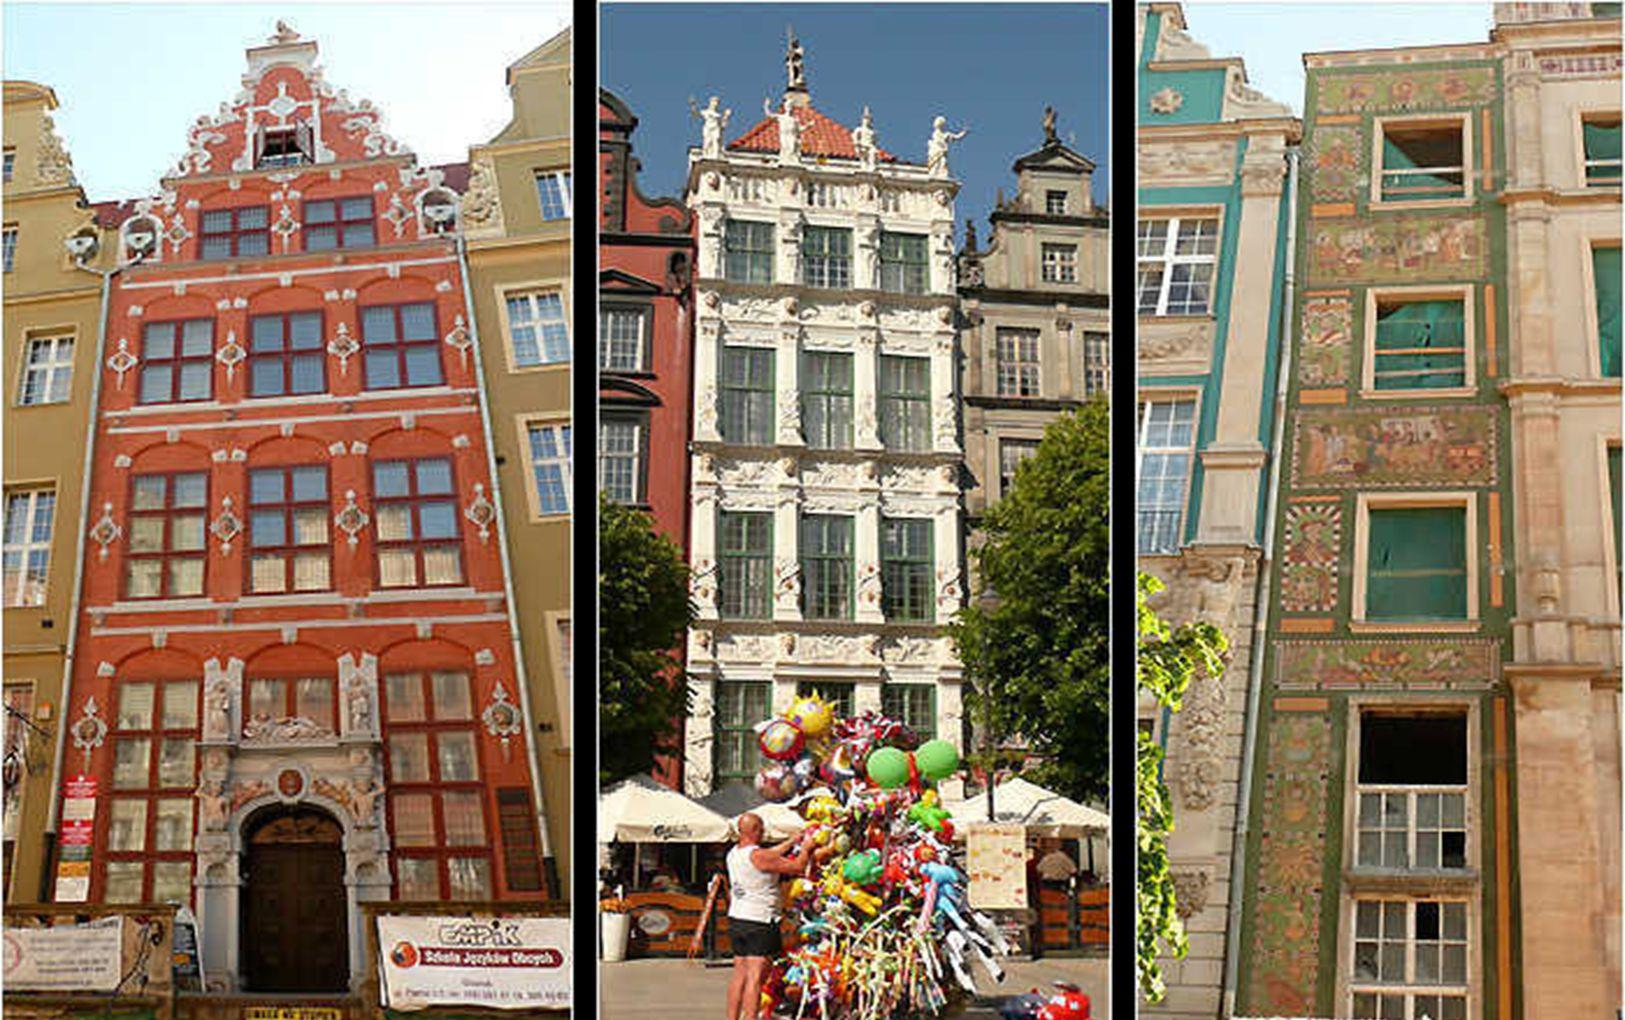 Viele Fassaden in der Rechtstadt sind von außerordentlicher Schönheit und Originalität.